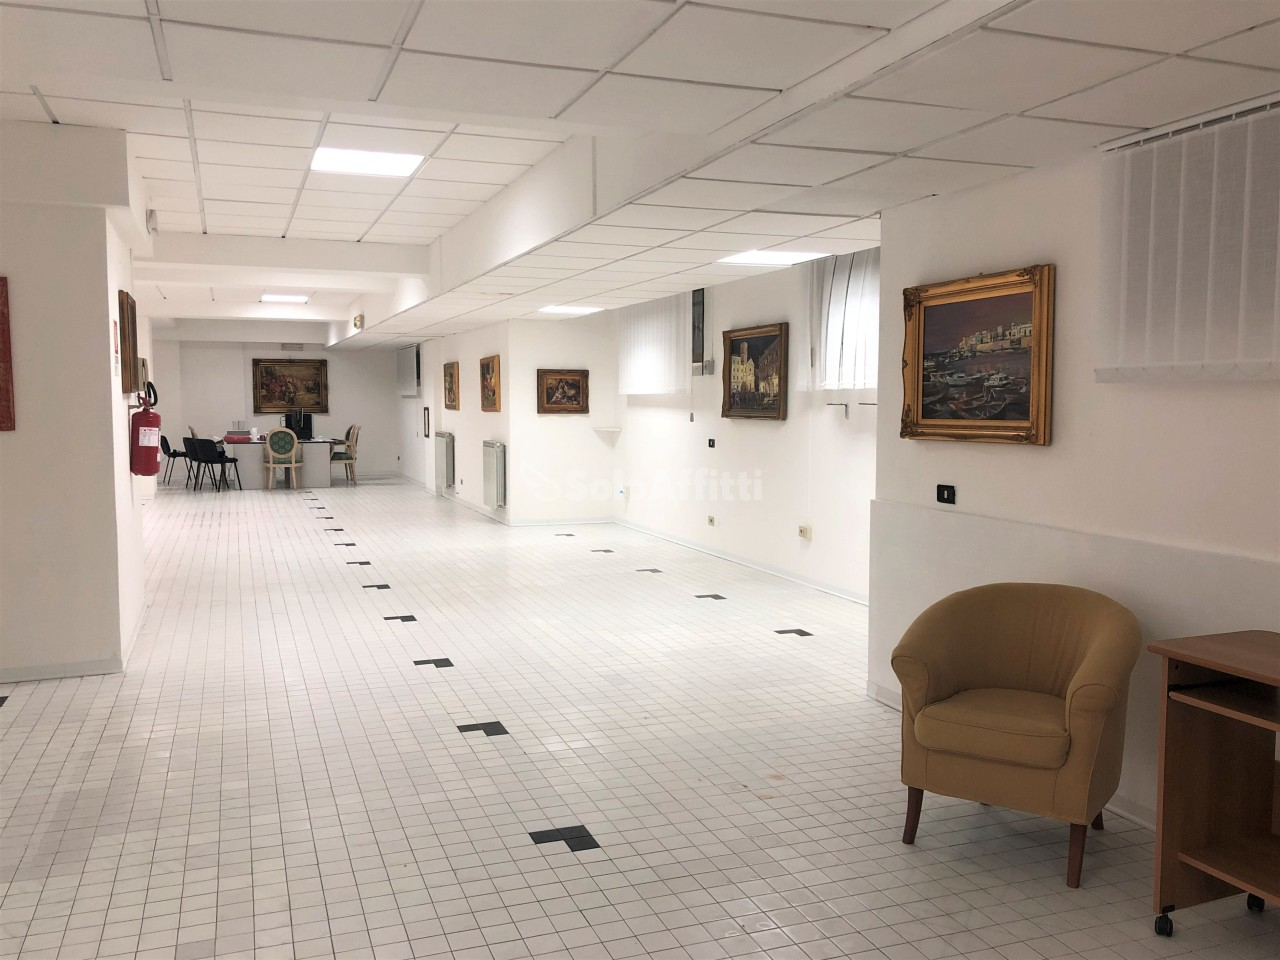 Ufficio - Open space a Rione De Filippis, Catanzaro Rif. 11100568